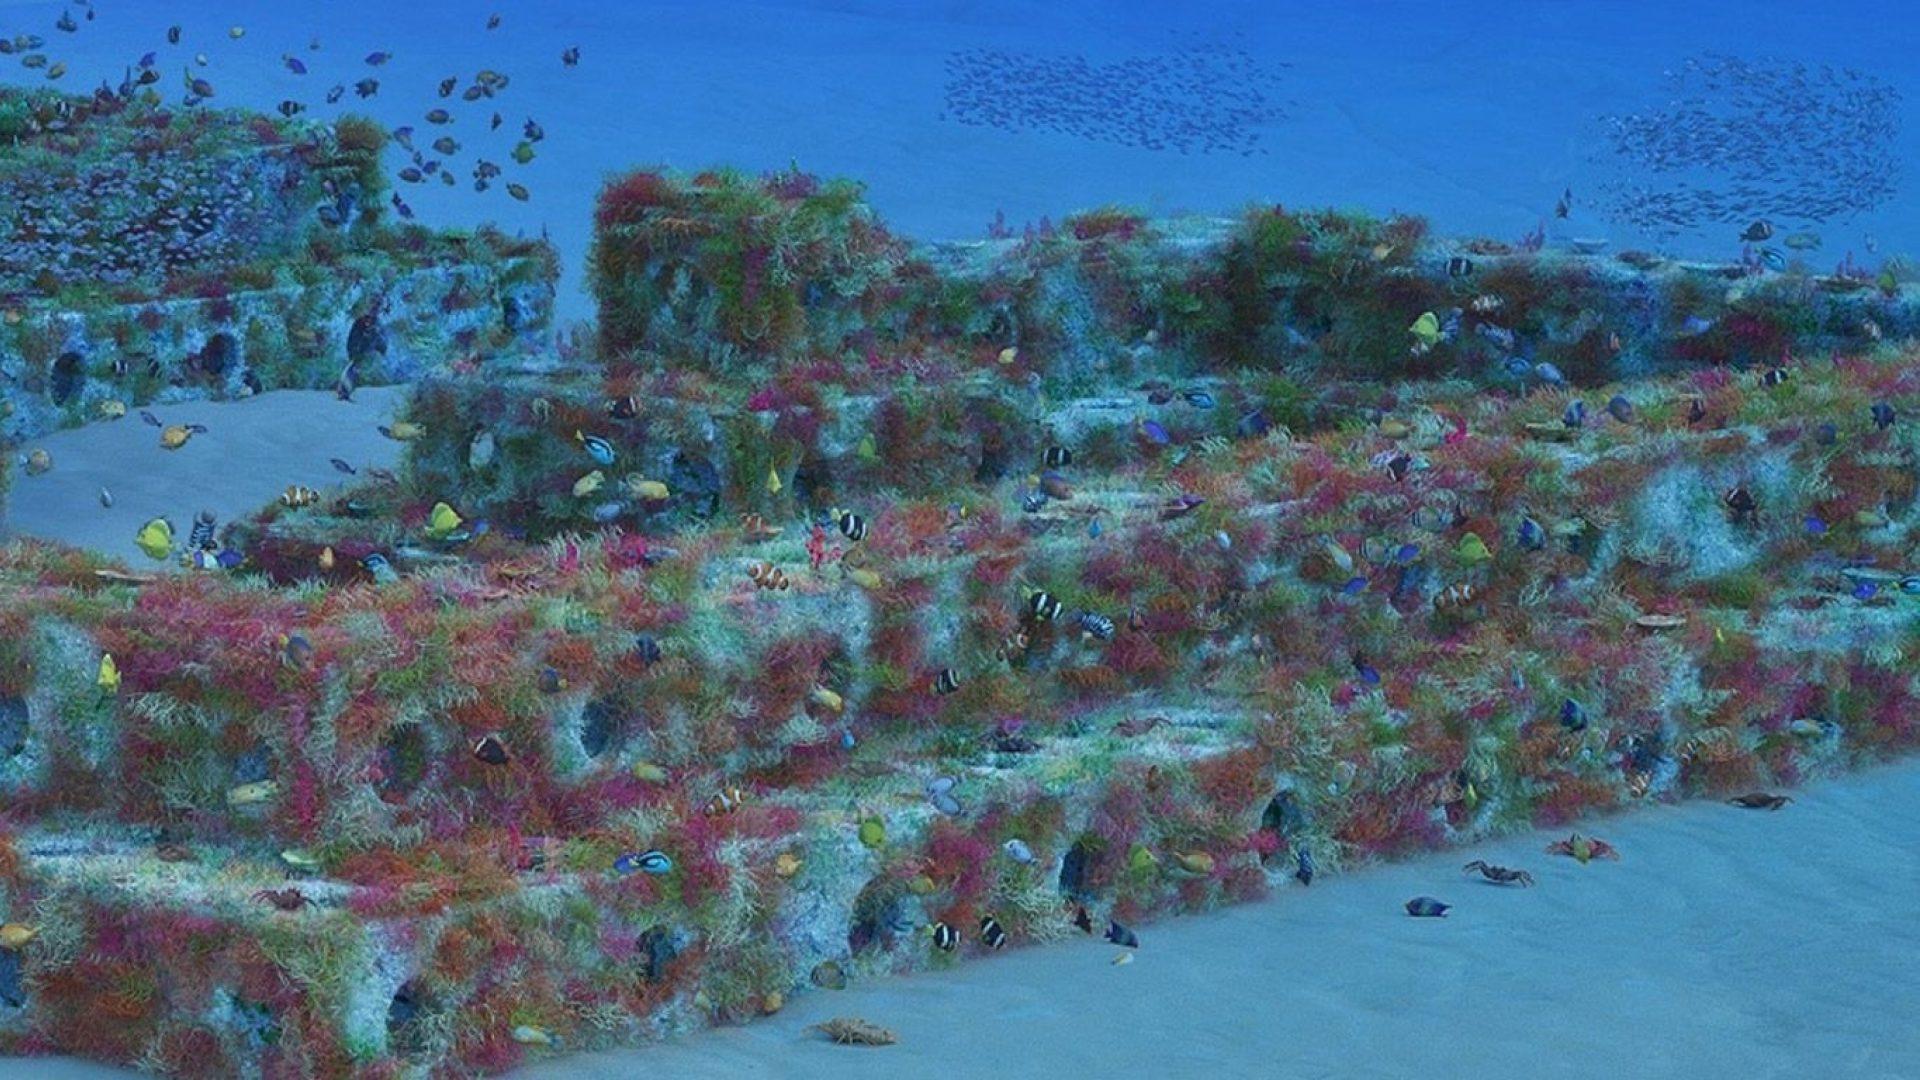 Reefcubes